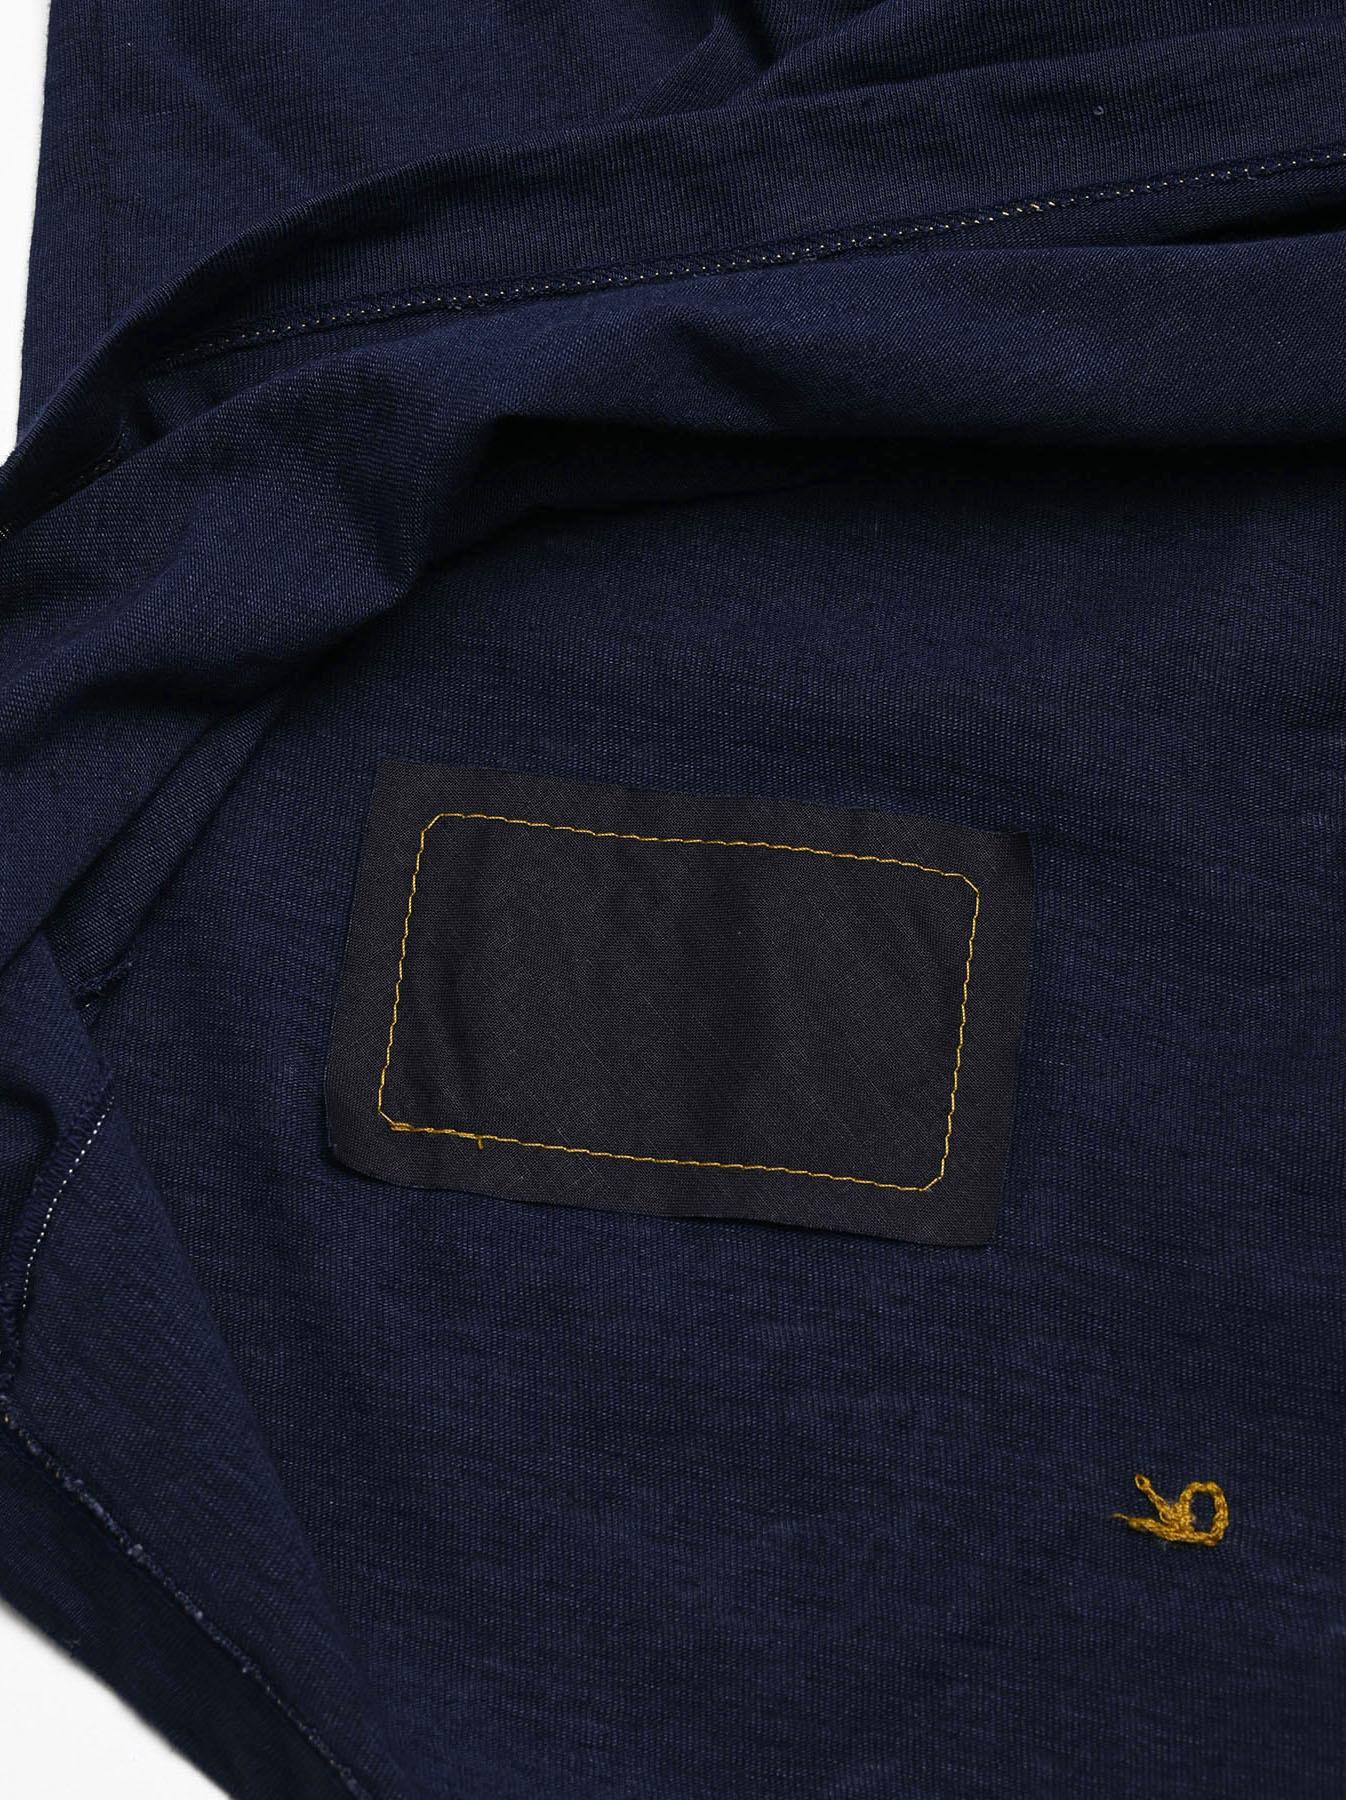 Indigo Tenjiku 908 Ocean T-Shirt (0621)-10